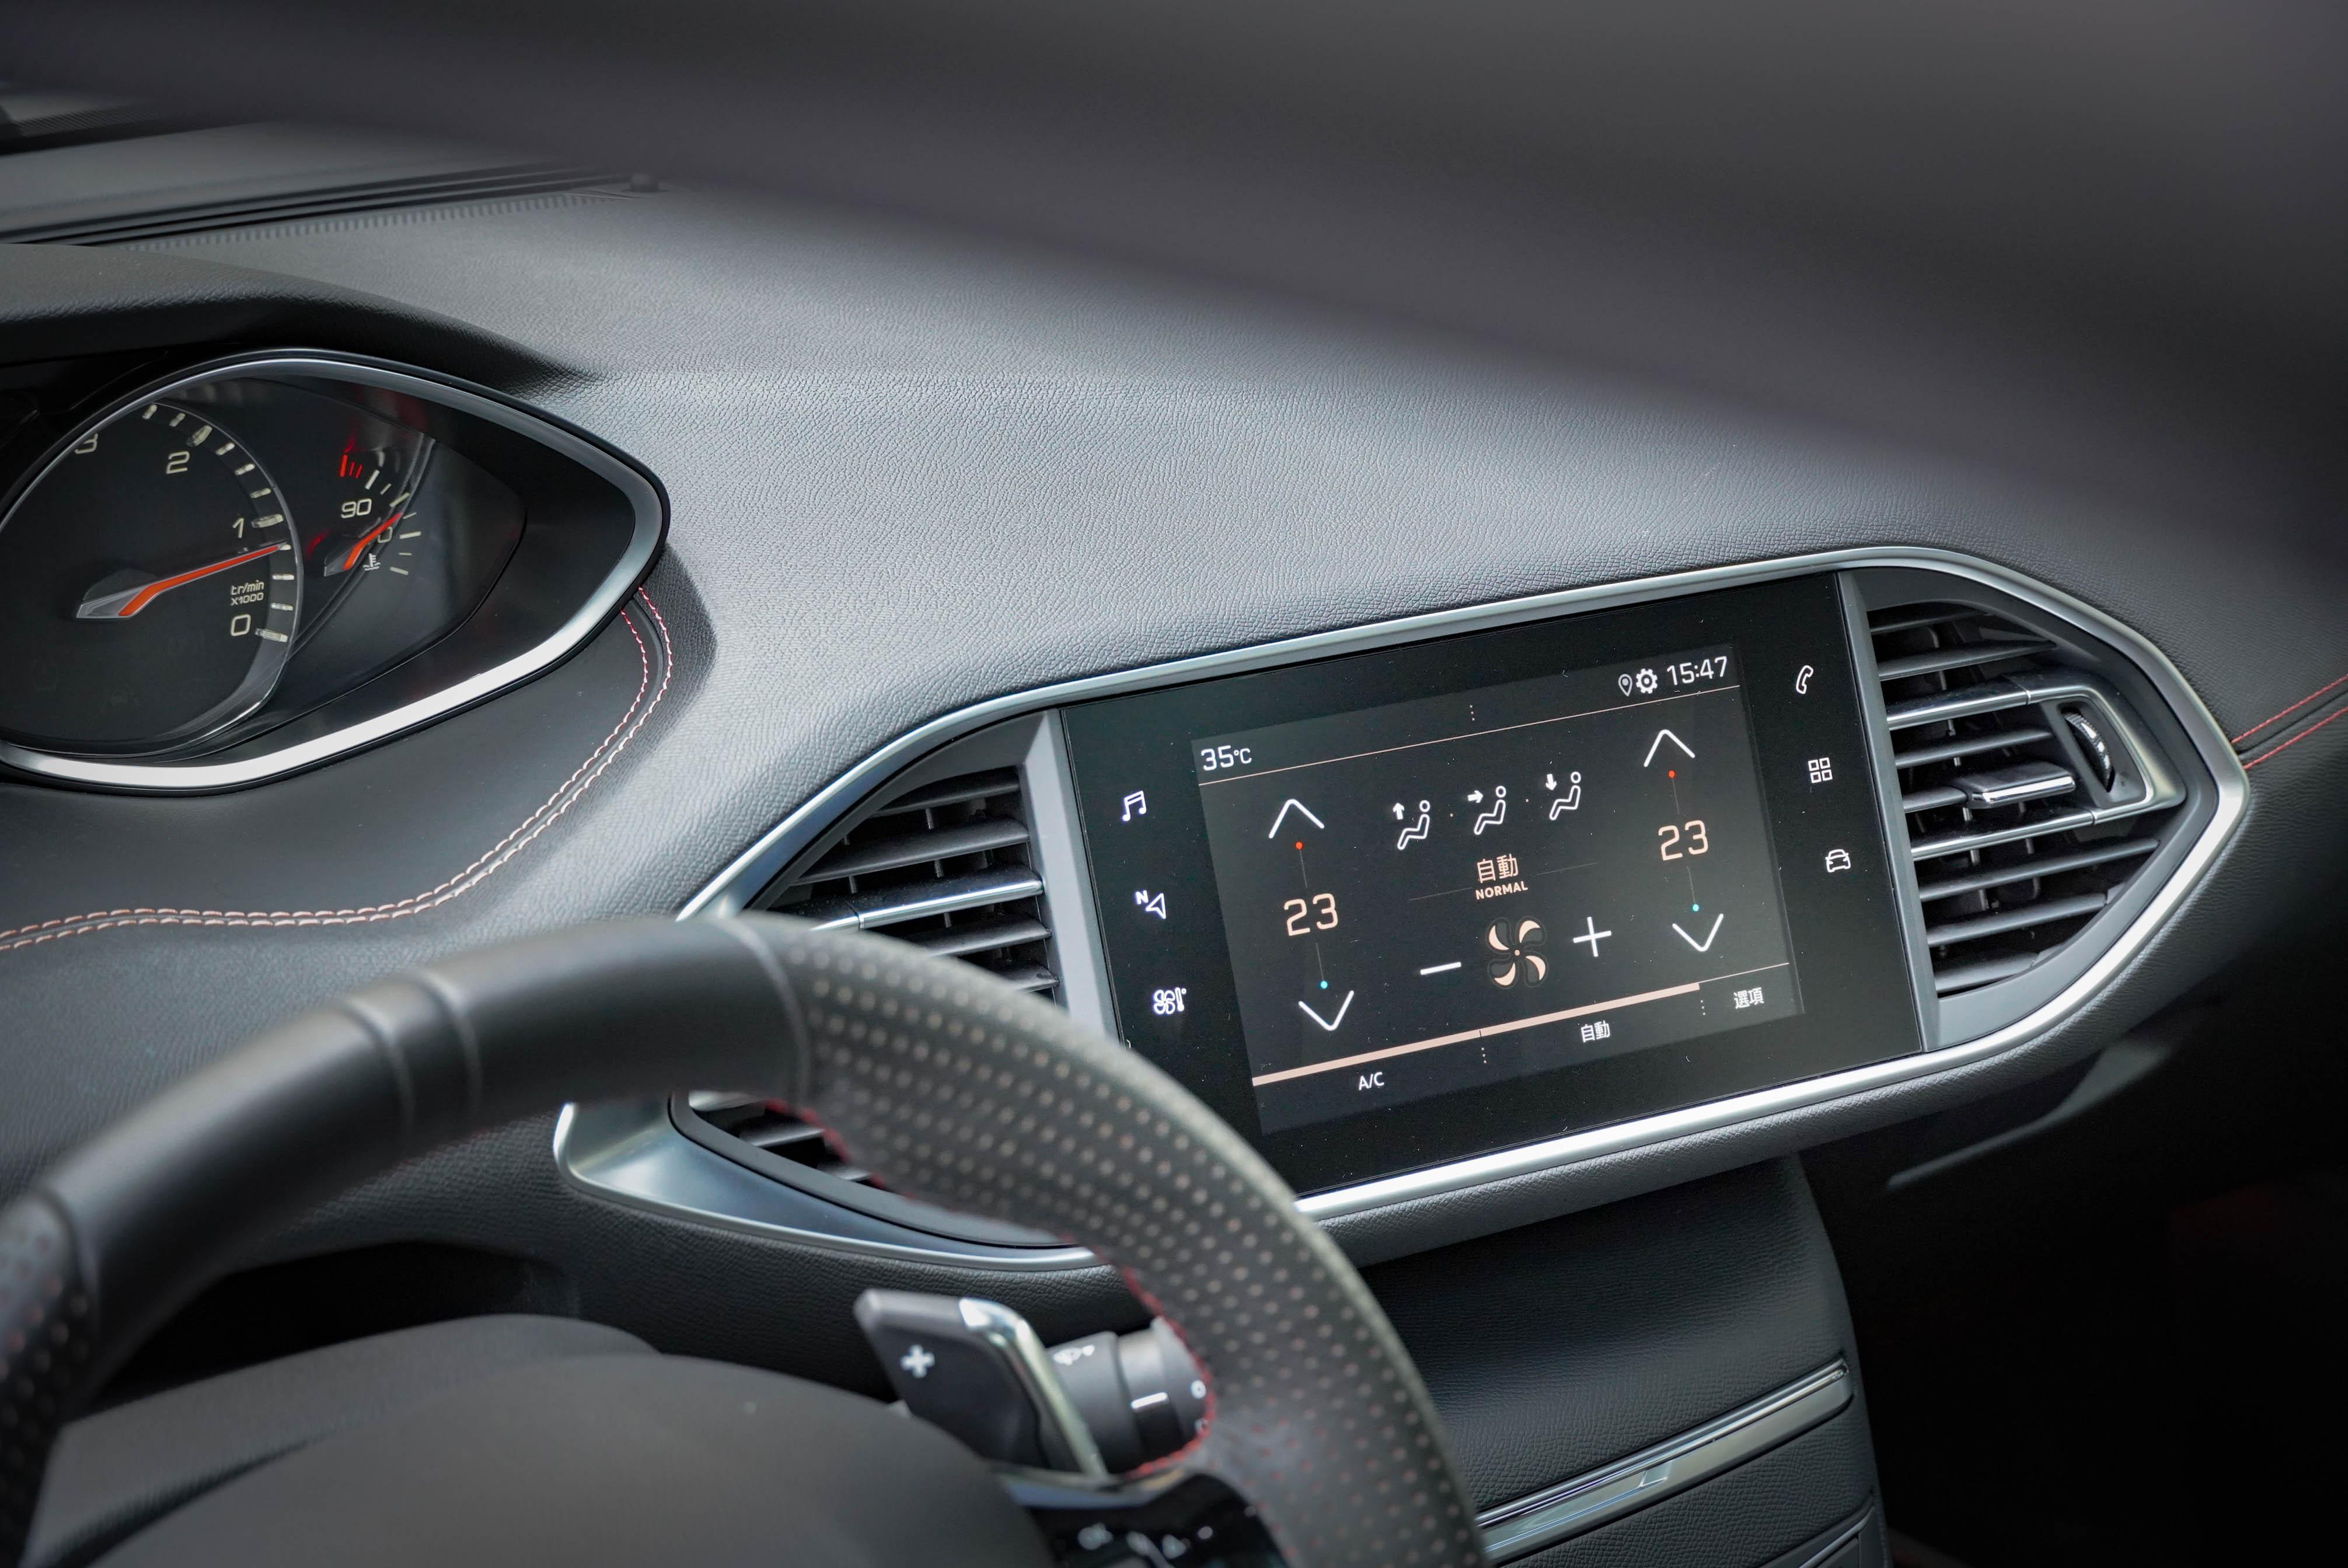 全彩觸控螢幕標配 Peugeot Mirror Screen® 鏡射系統,支援 Apple Carplay 與 MirrorLink。